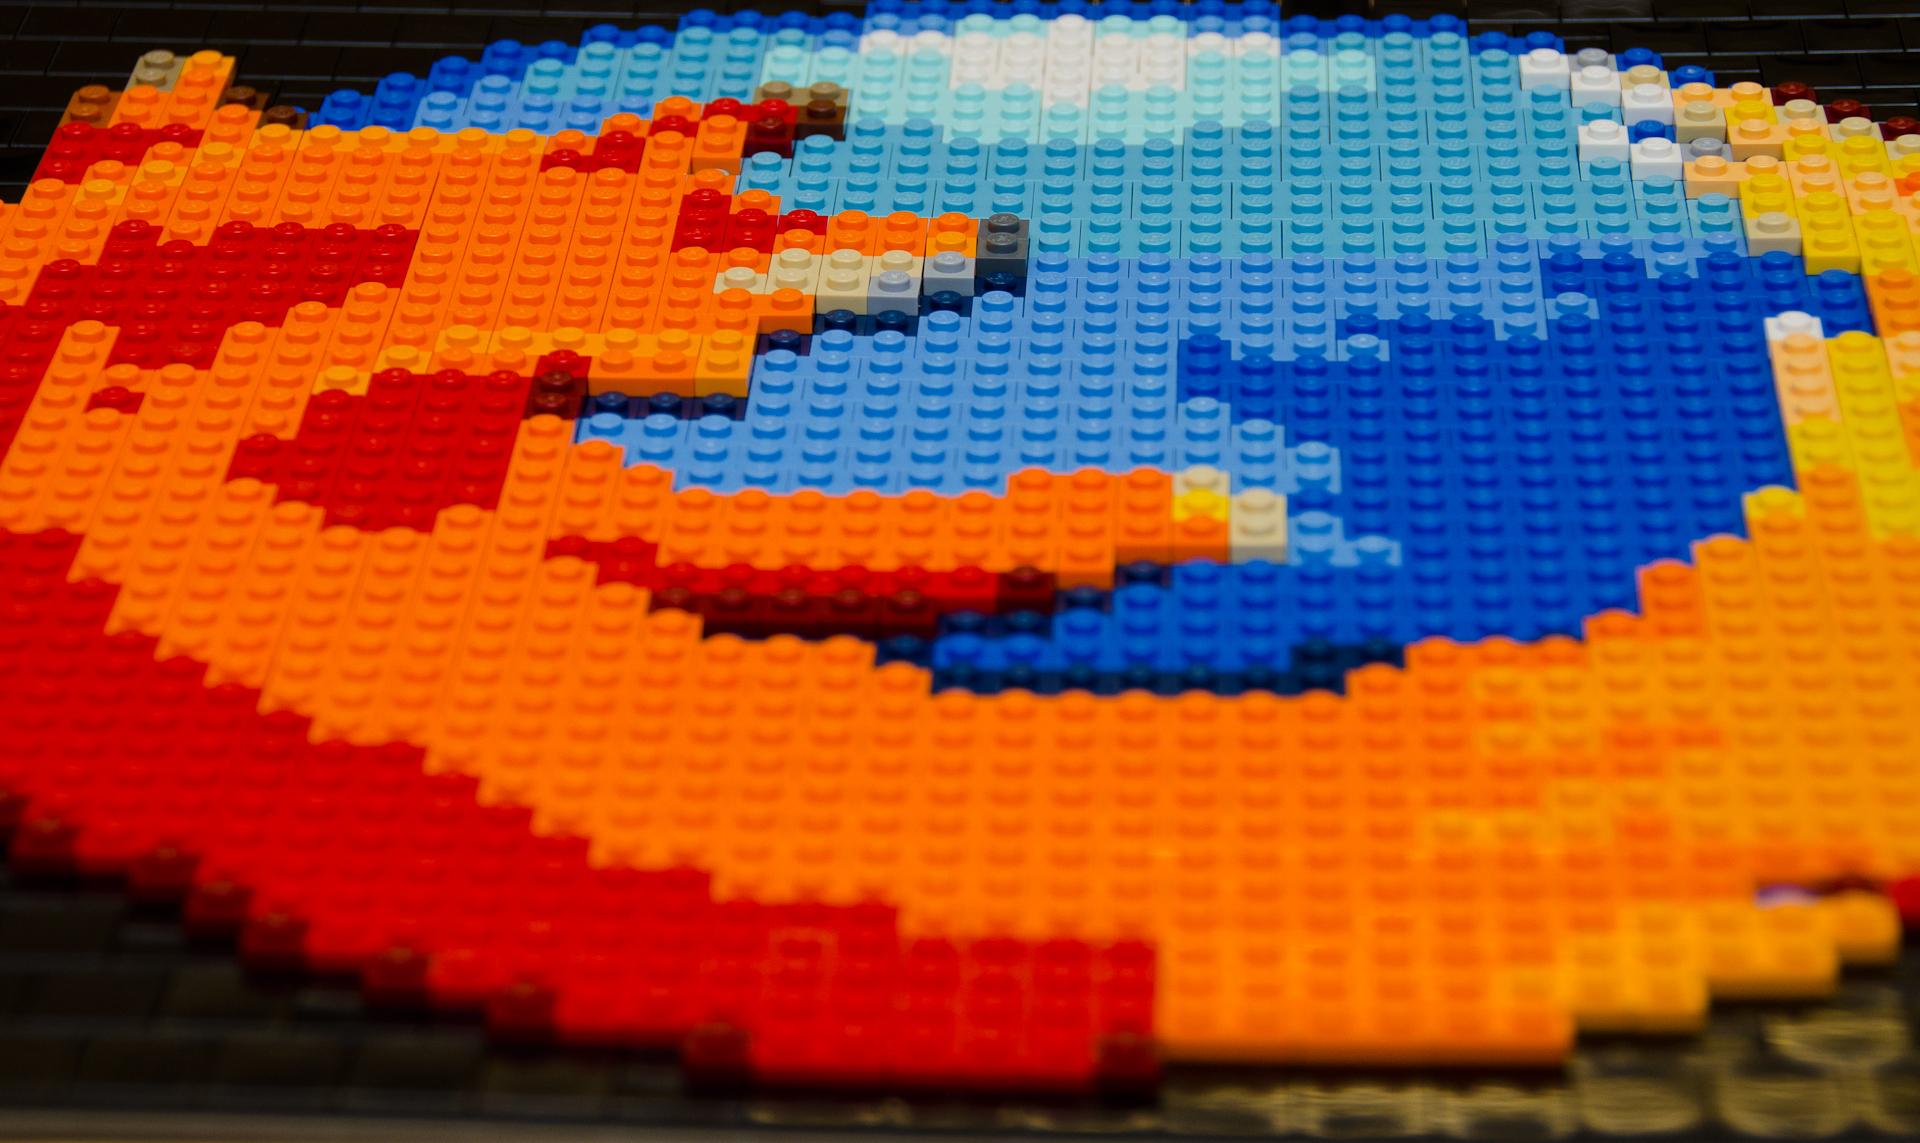 Lego Firefox